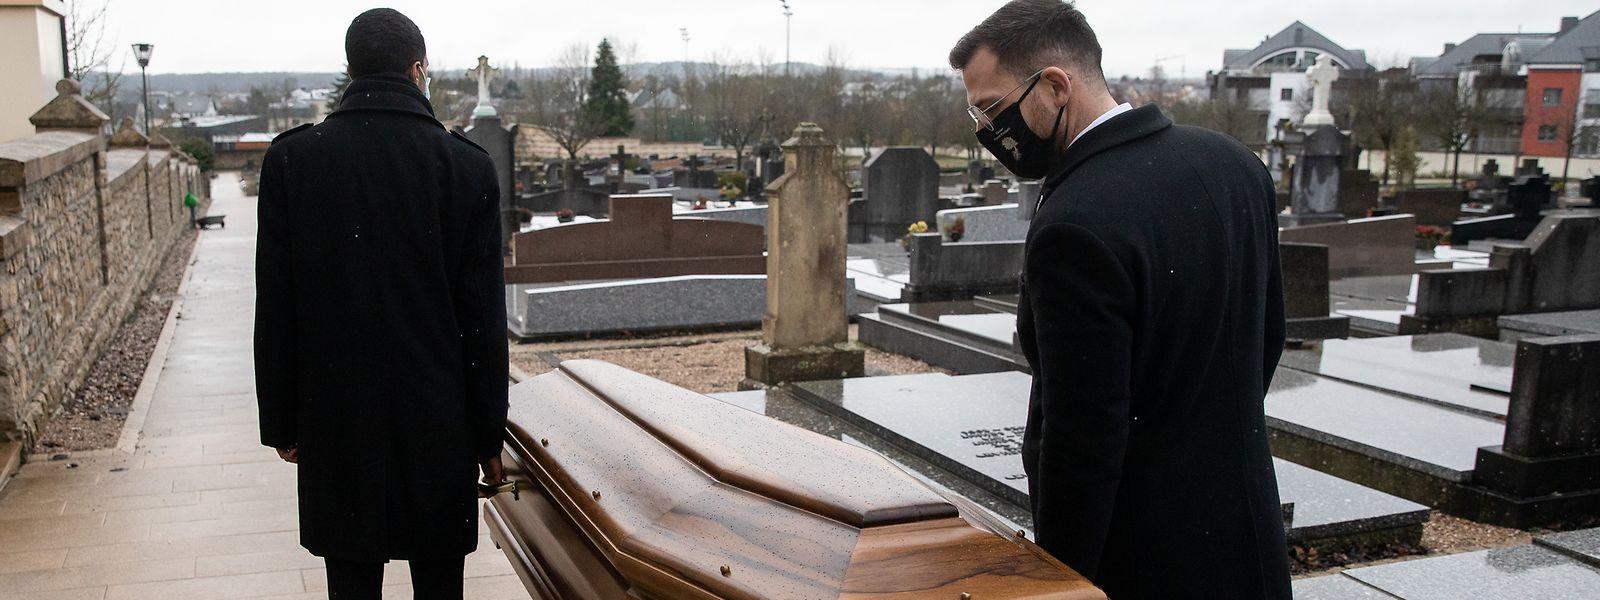 Pour l'instant, les métiers funéraires ne sont pas considérés comme prioritaires pour les injections anti-covid.